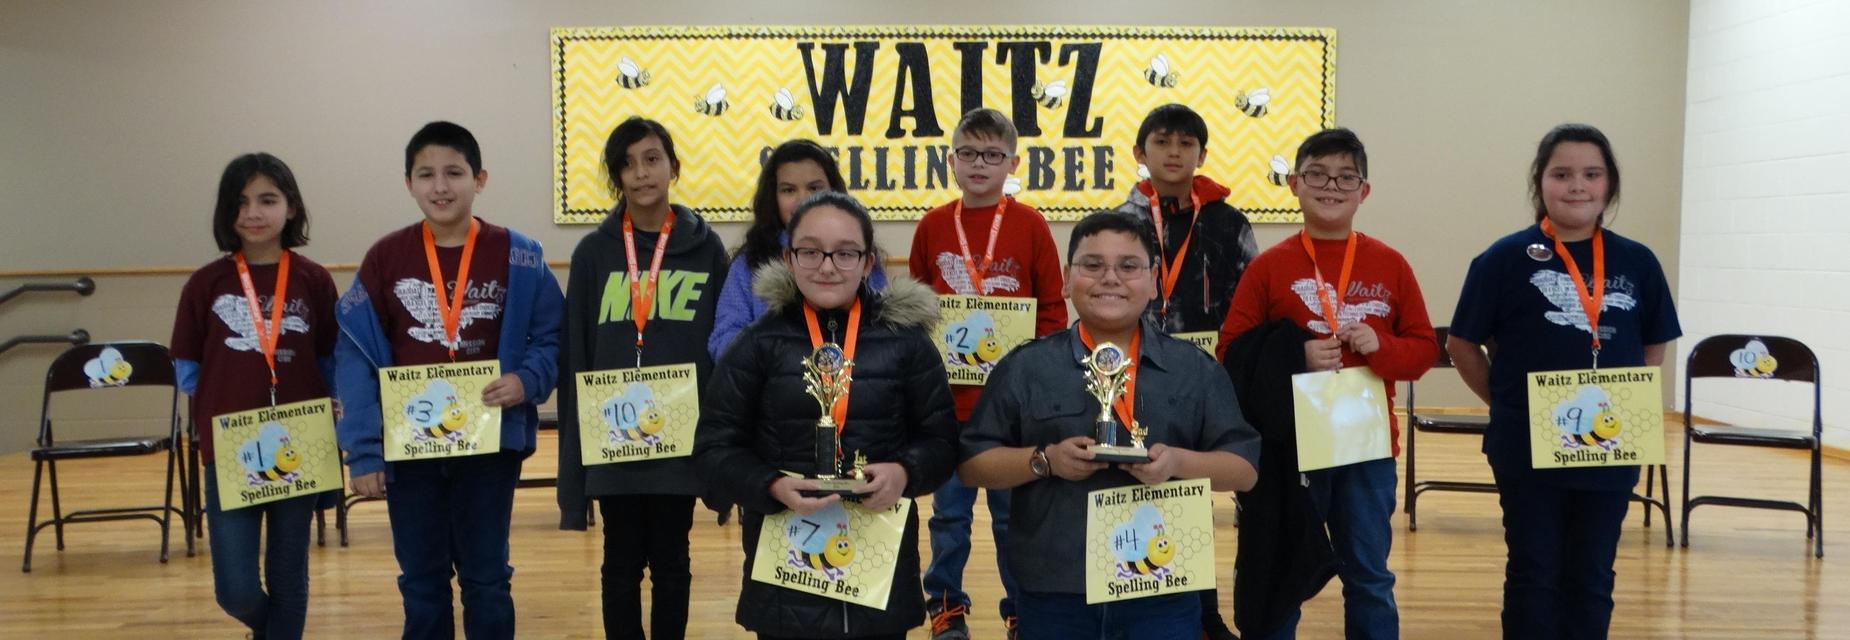 Waitz Spelling Bee participants